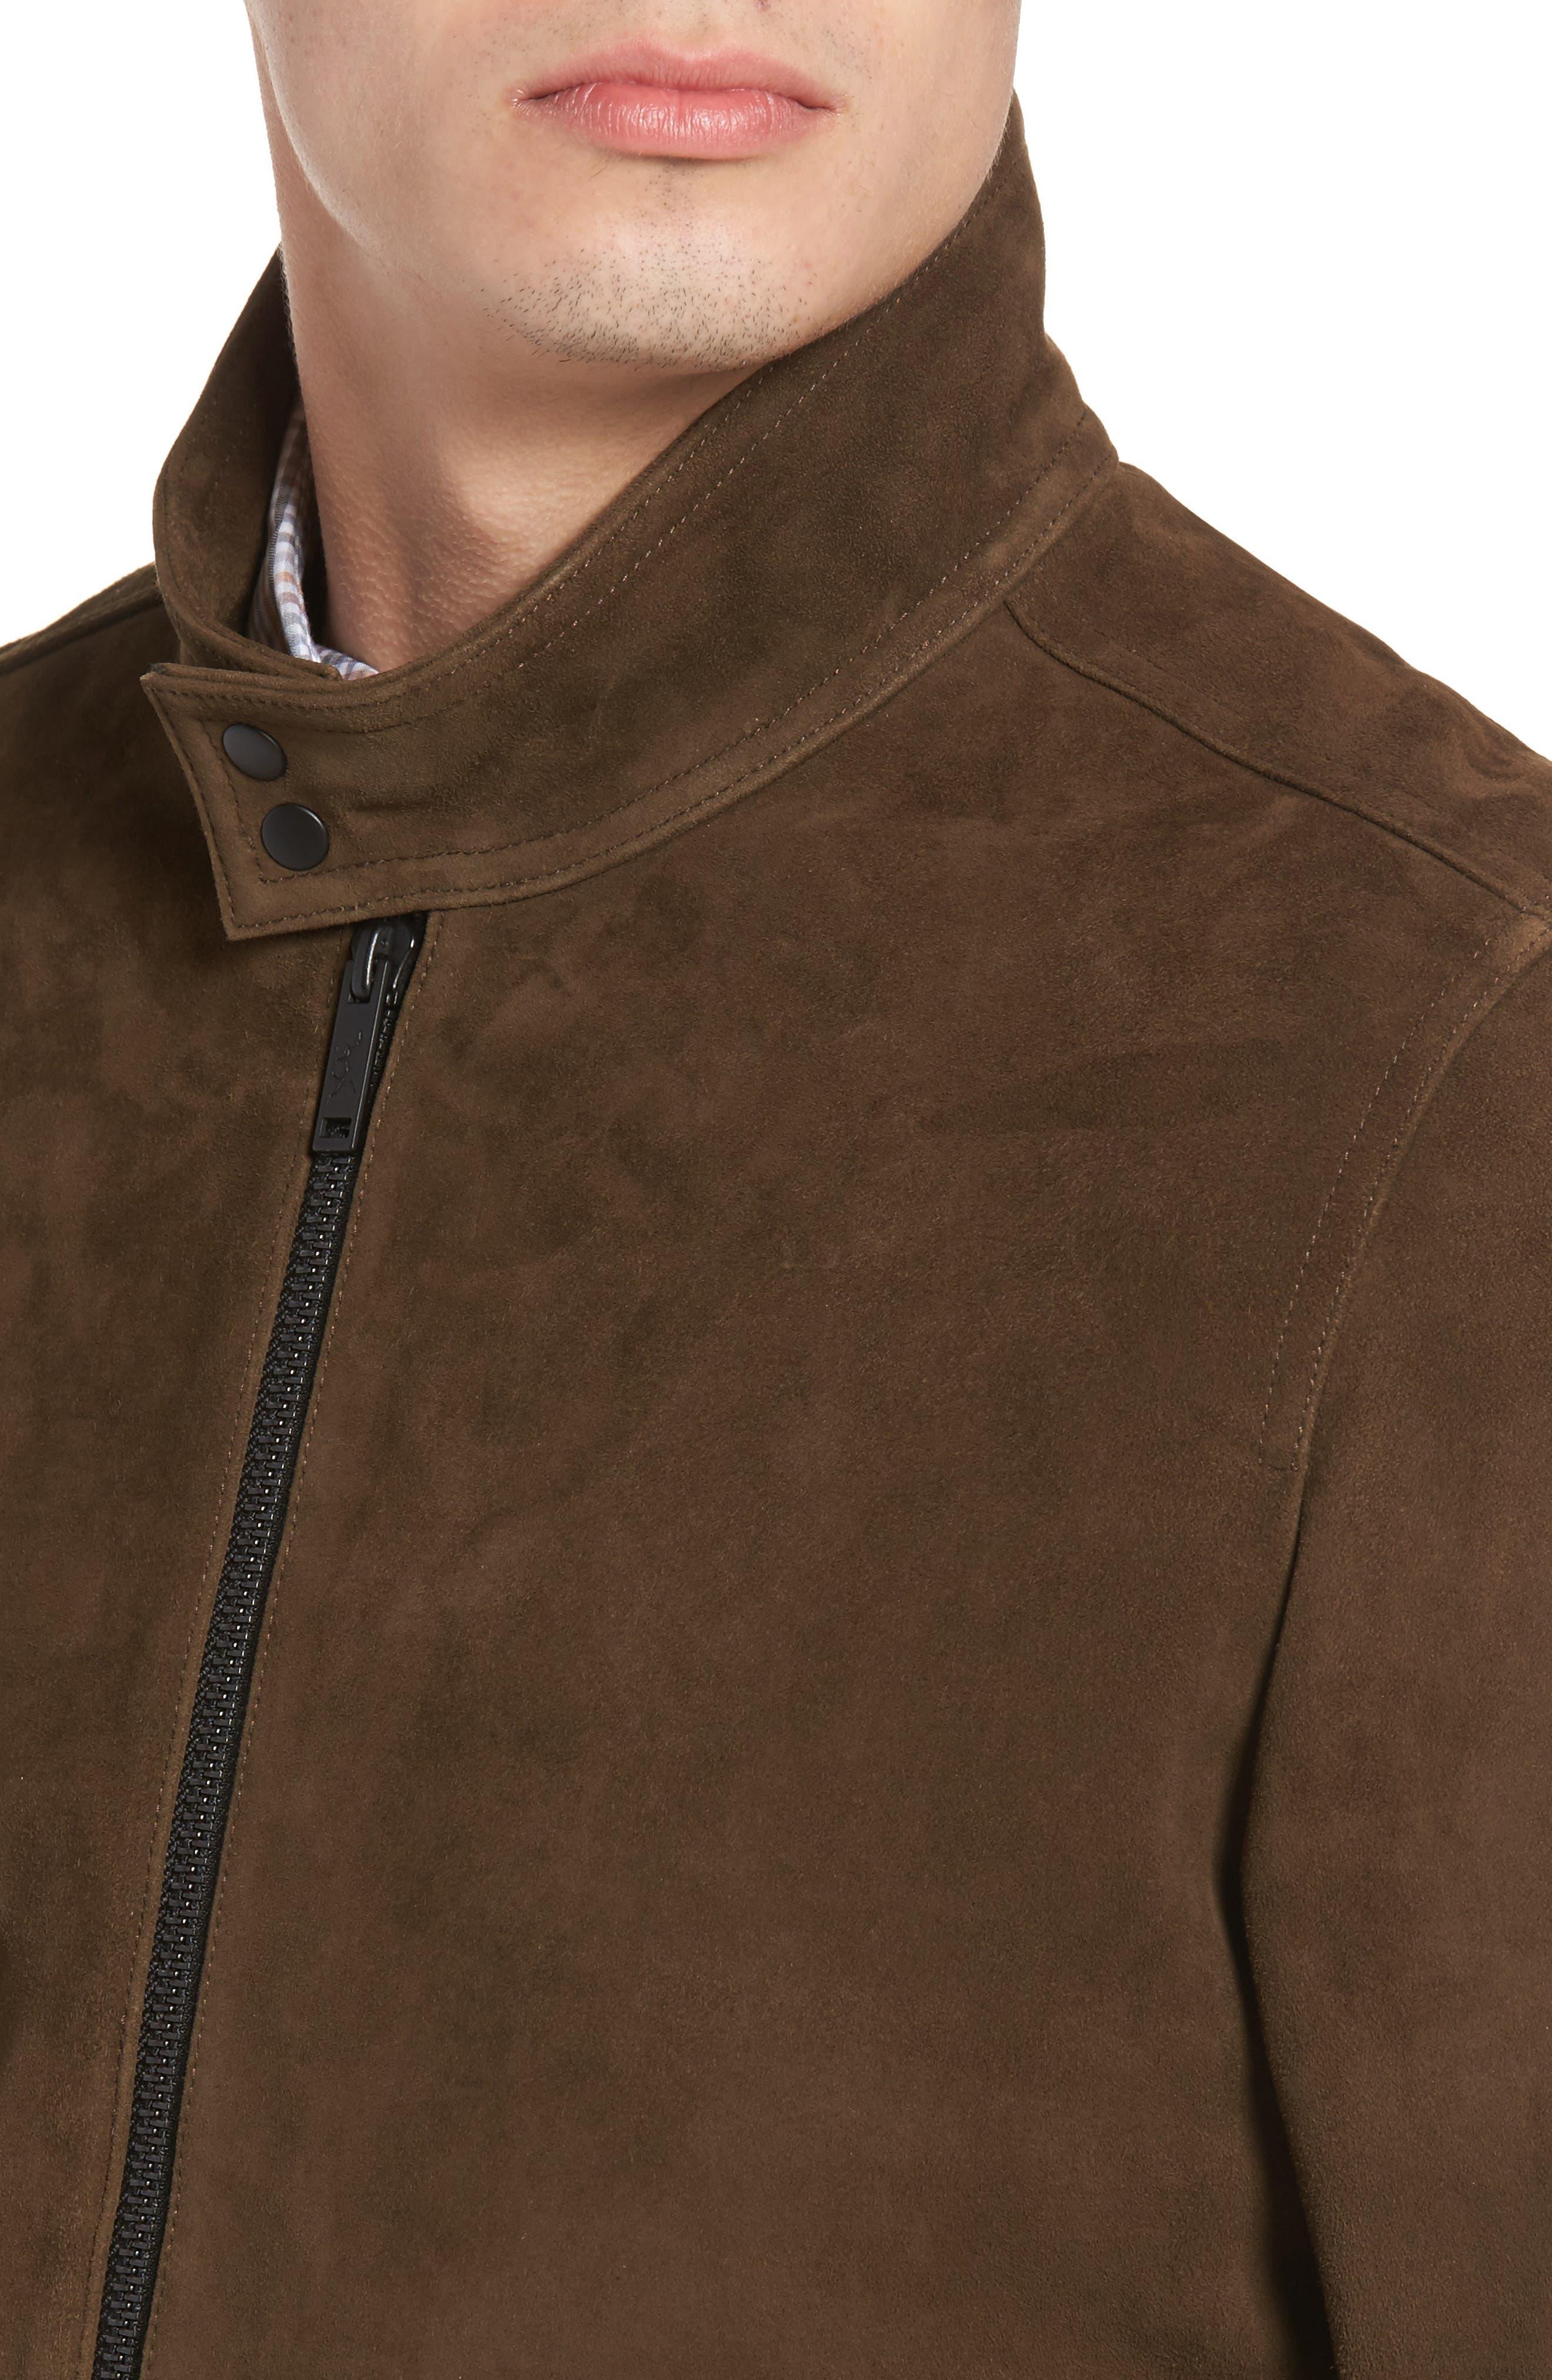 Avondale Suede Jacket,                             Alternate thumbnail 4, color,                             230